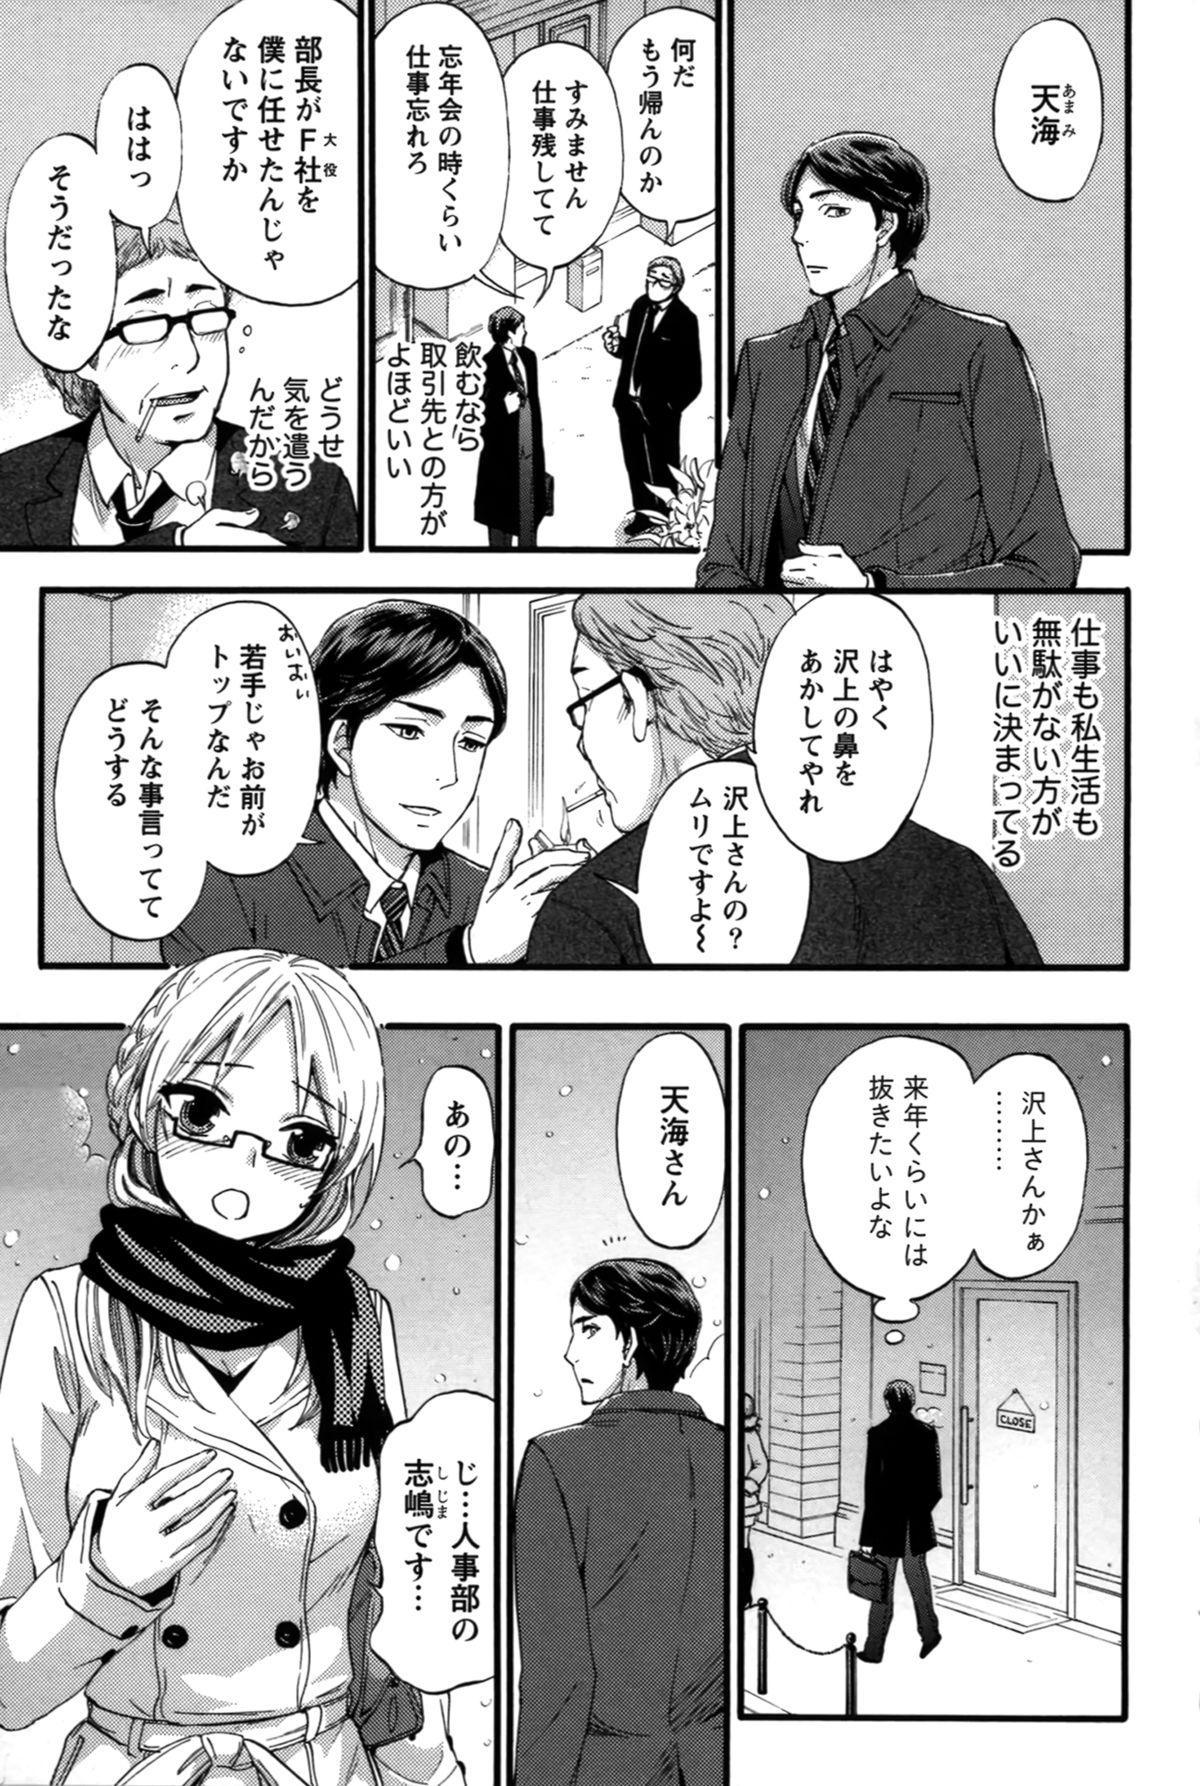 Anata to Watashi wa Warukunai 123